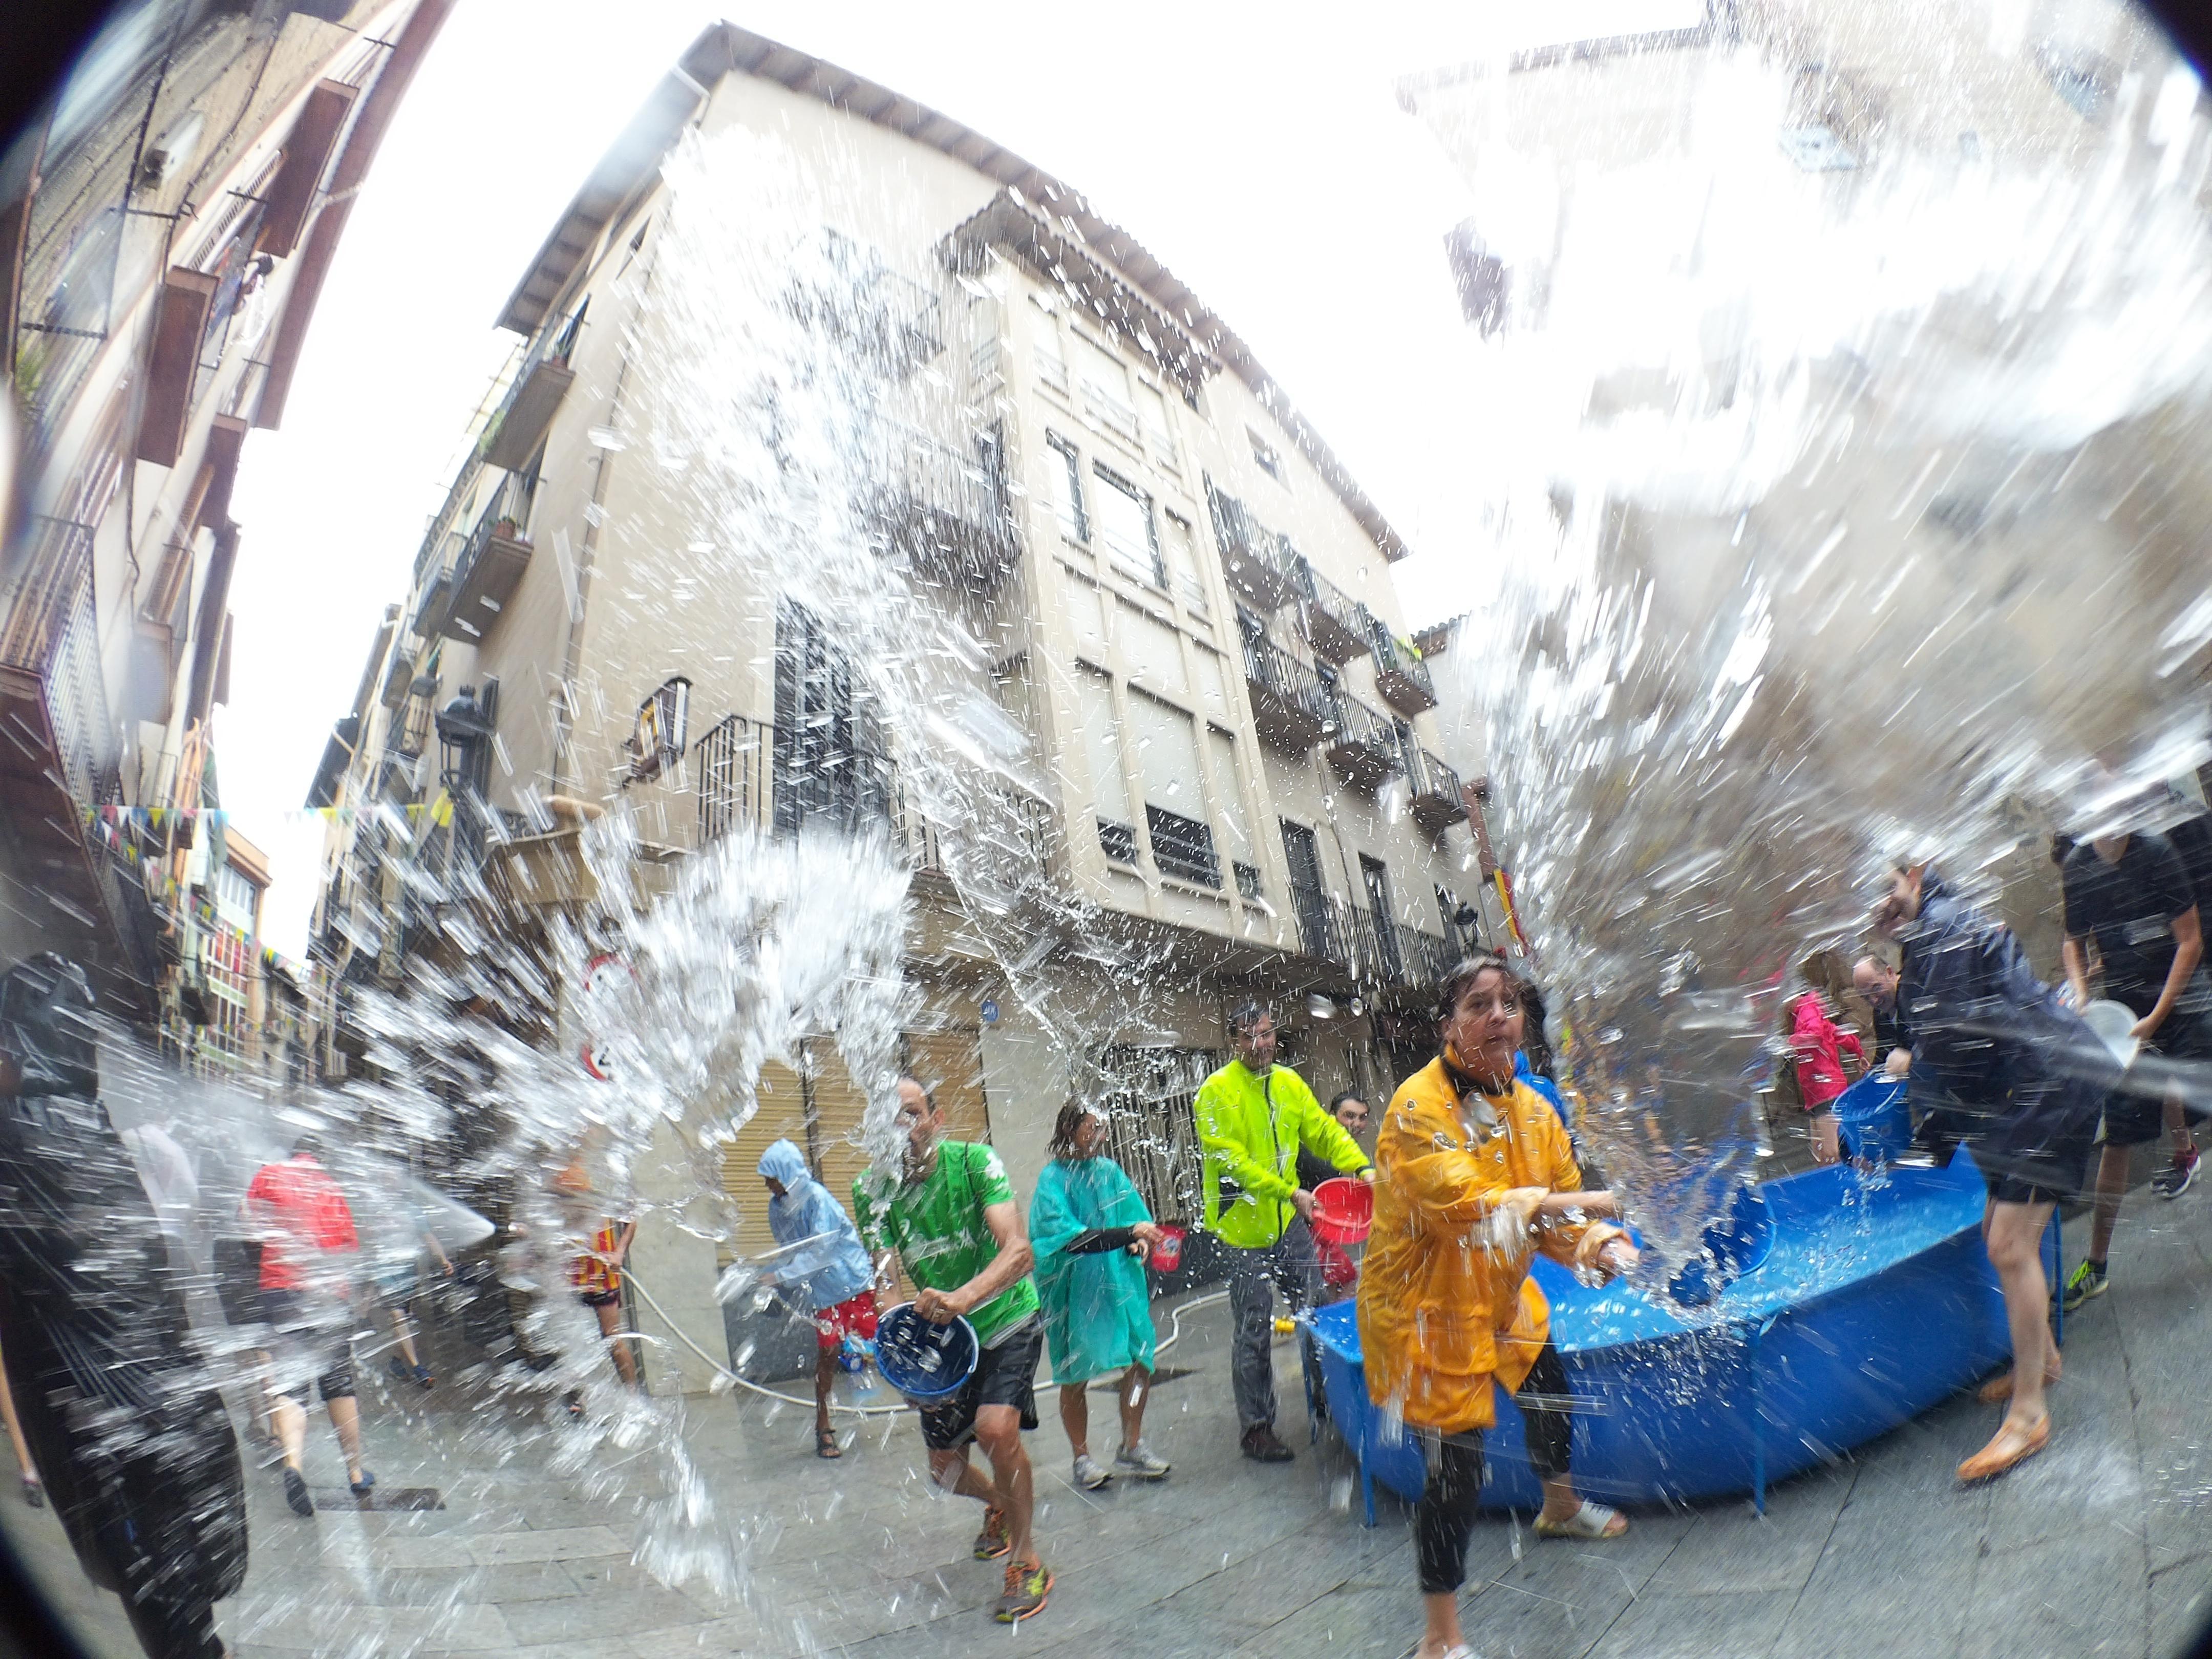 La Plaça de Sant Joan amb una piscina plena d'aigua preparada per remullar a tots els participants a la festa. FOTO: Anna E. Puig